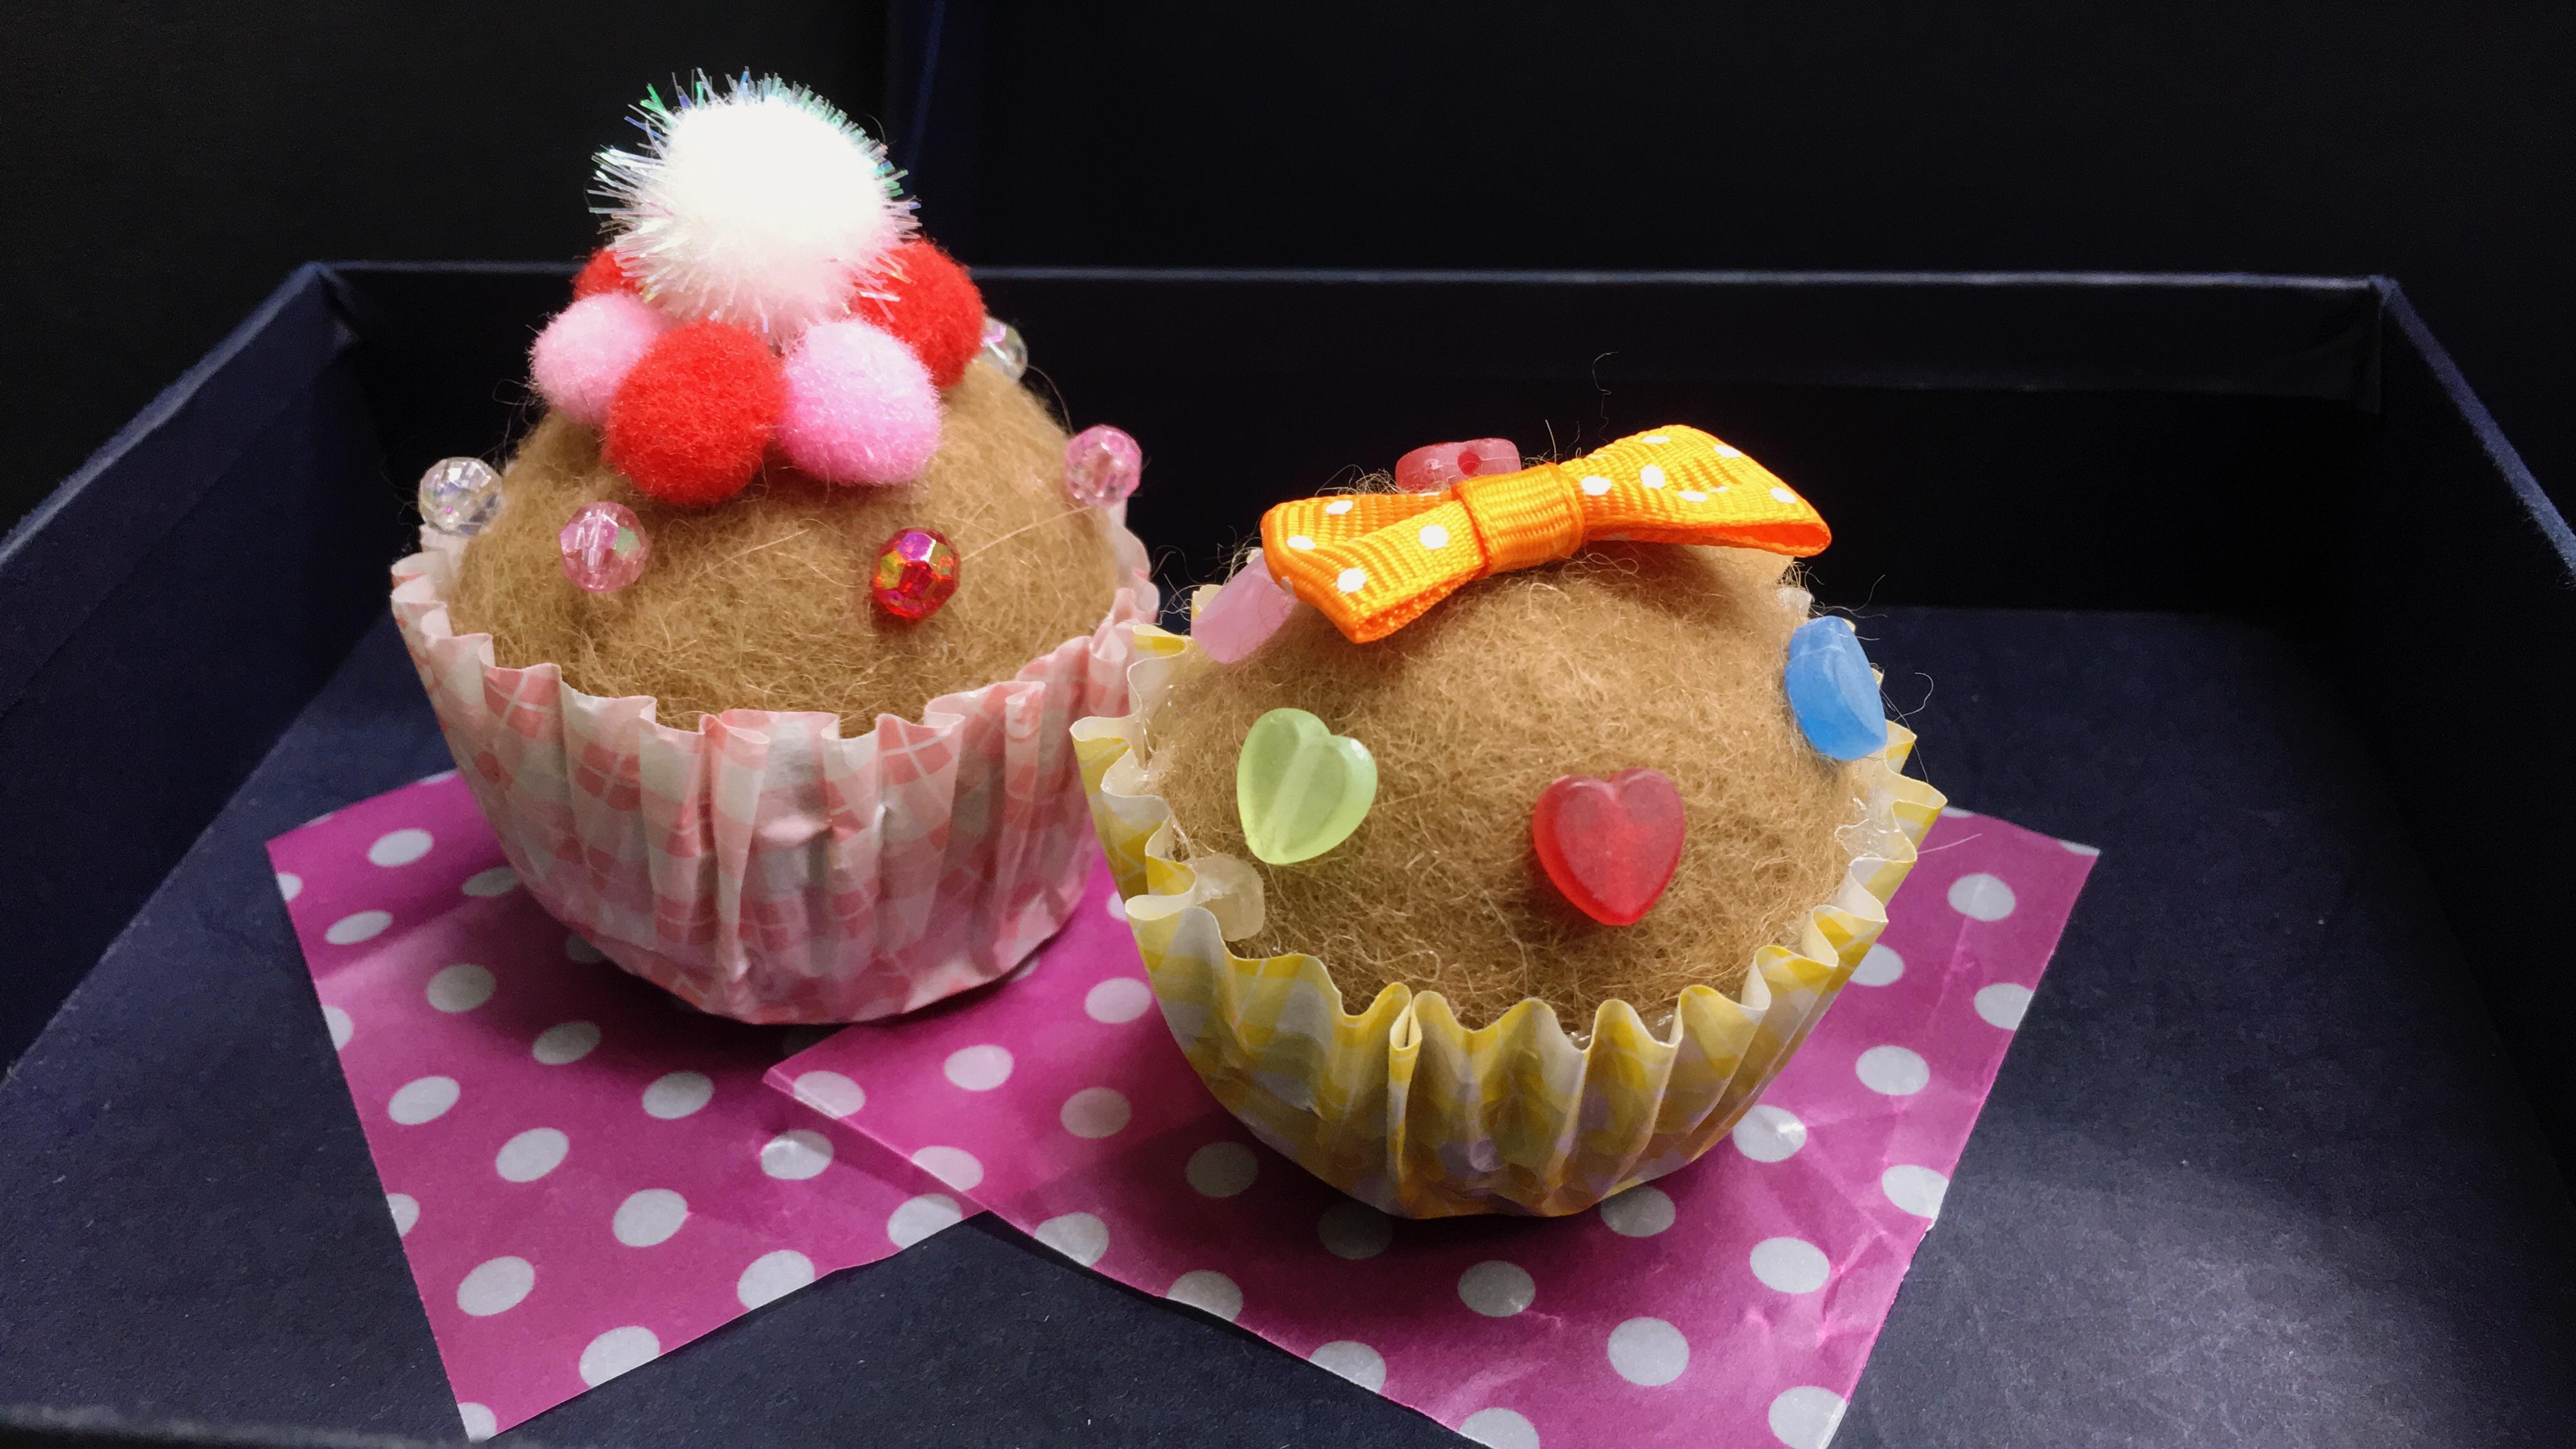 アルパカの毛で作る~もこもこカップケーキ作り~